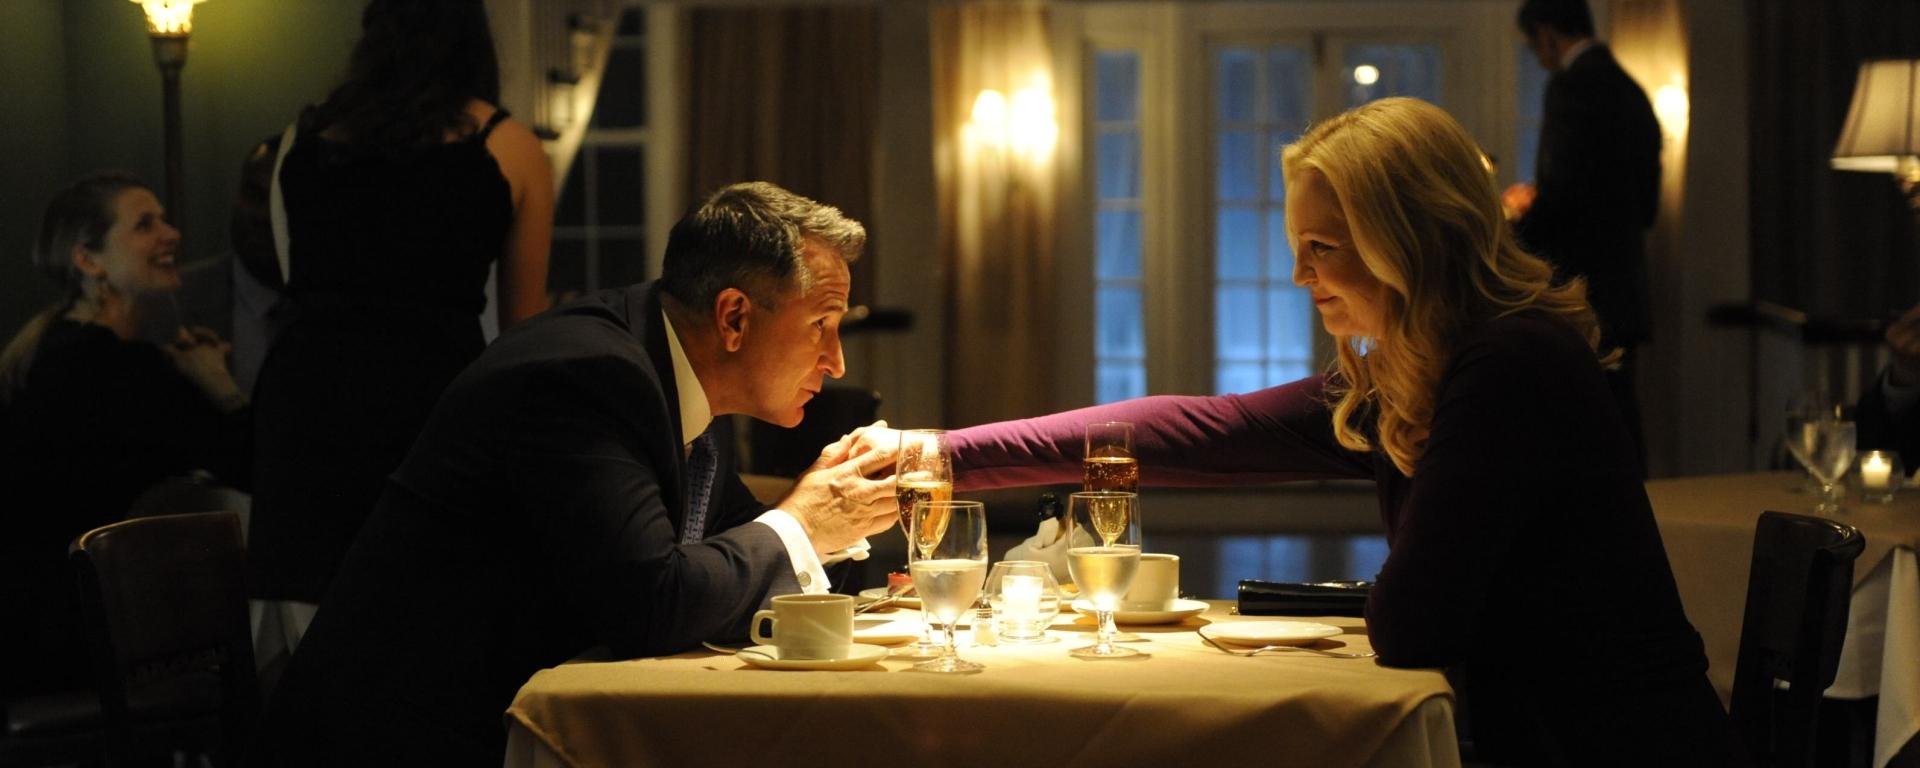 A Good Marriage - CineFatti